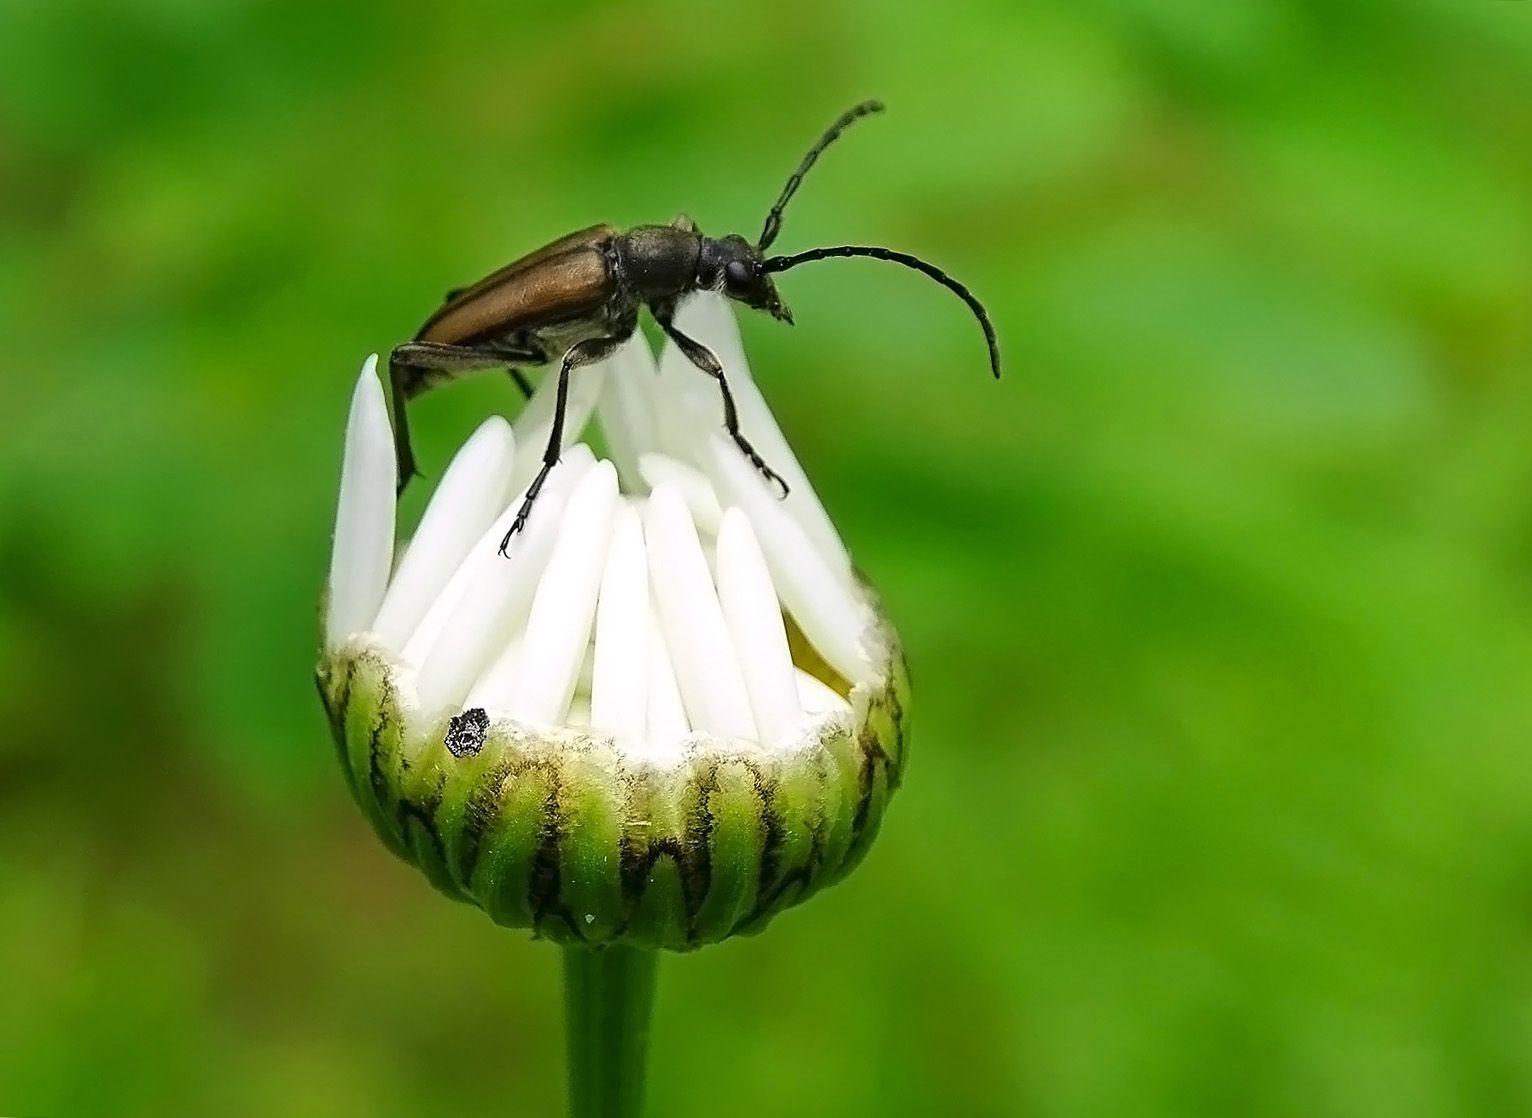 Пассажир... Сибирь лето 2021 жук усач ромашка бутон макро